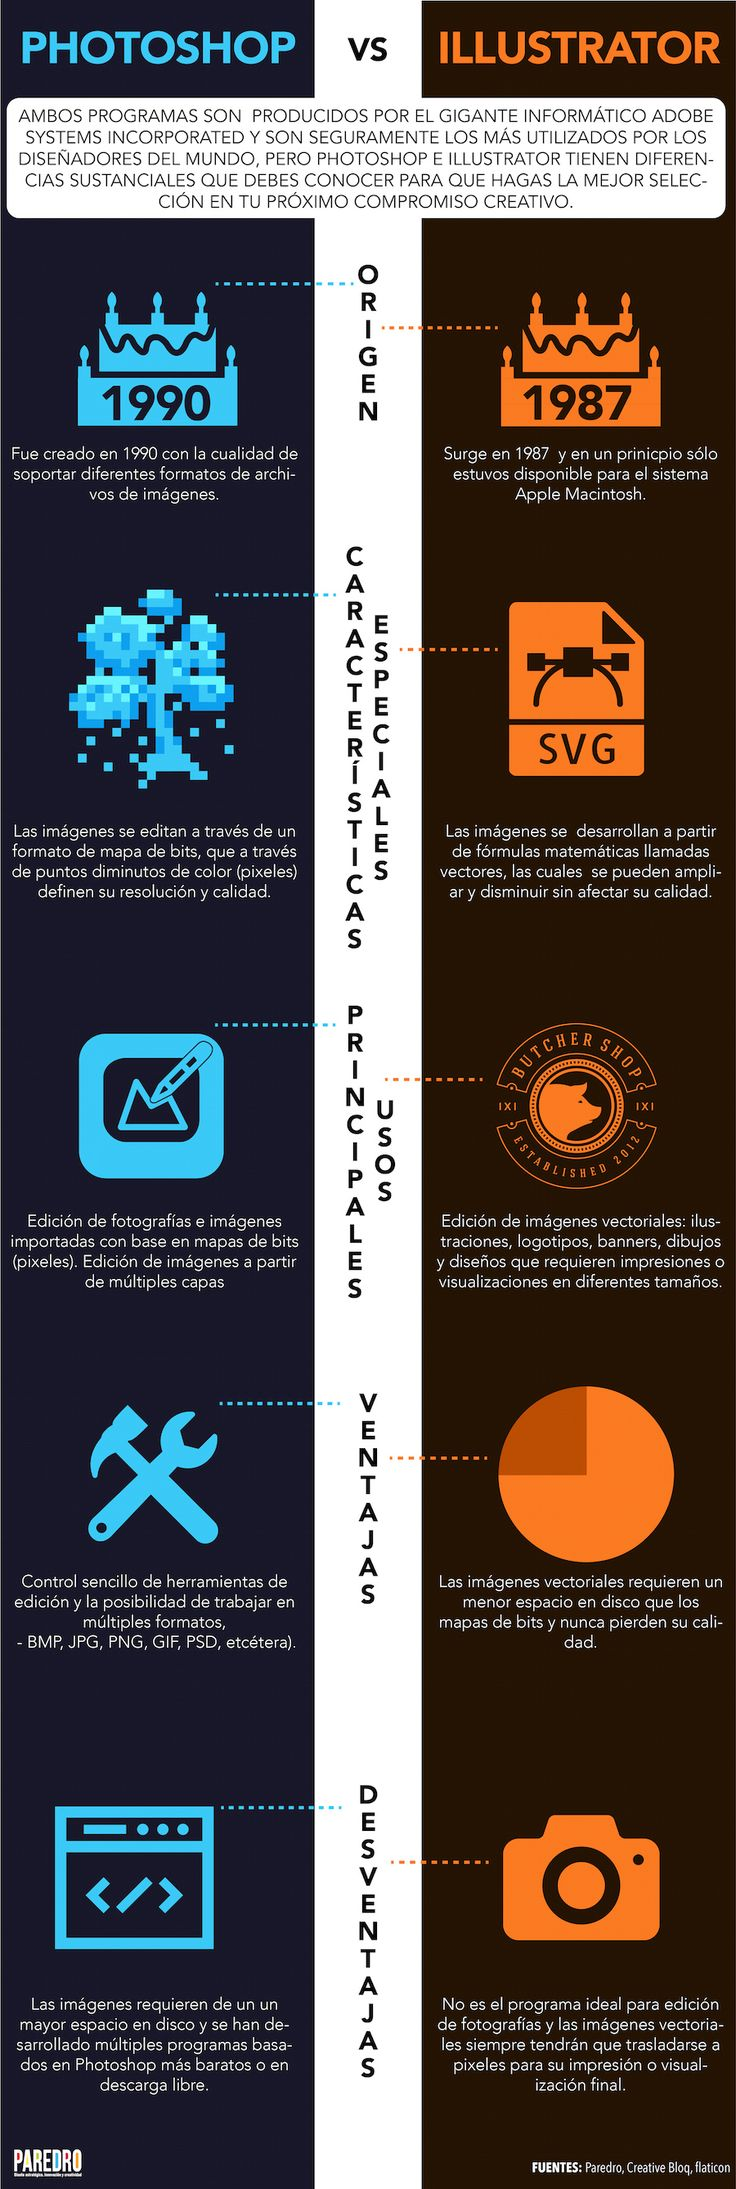 #Infografía #Photoshop o #Illustrator, ¿cuál te conviene más?